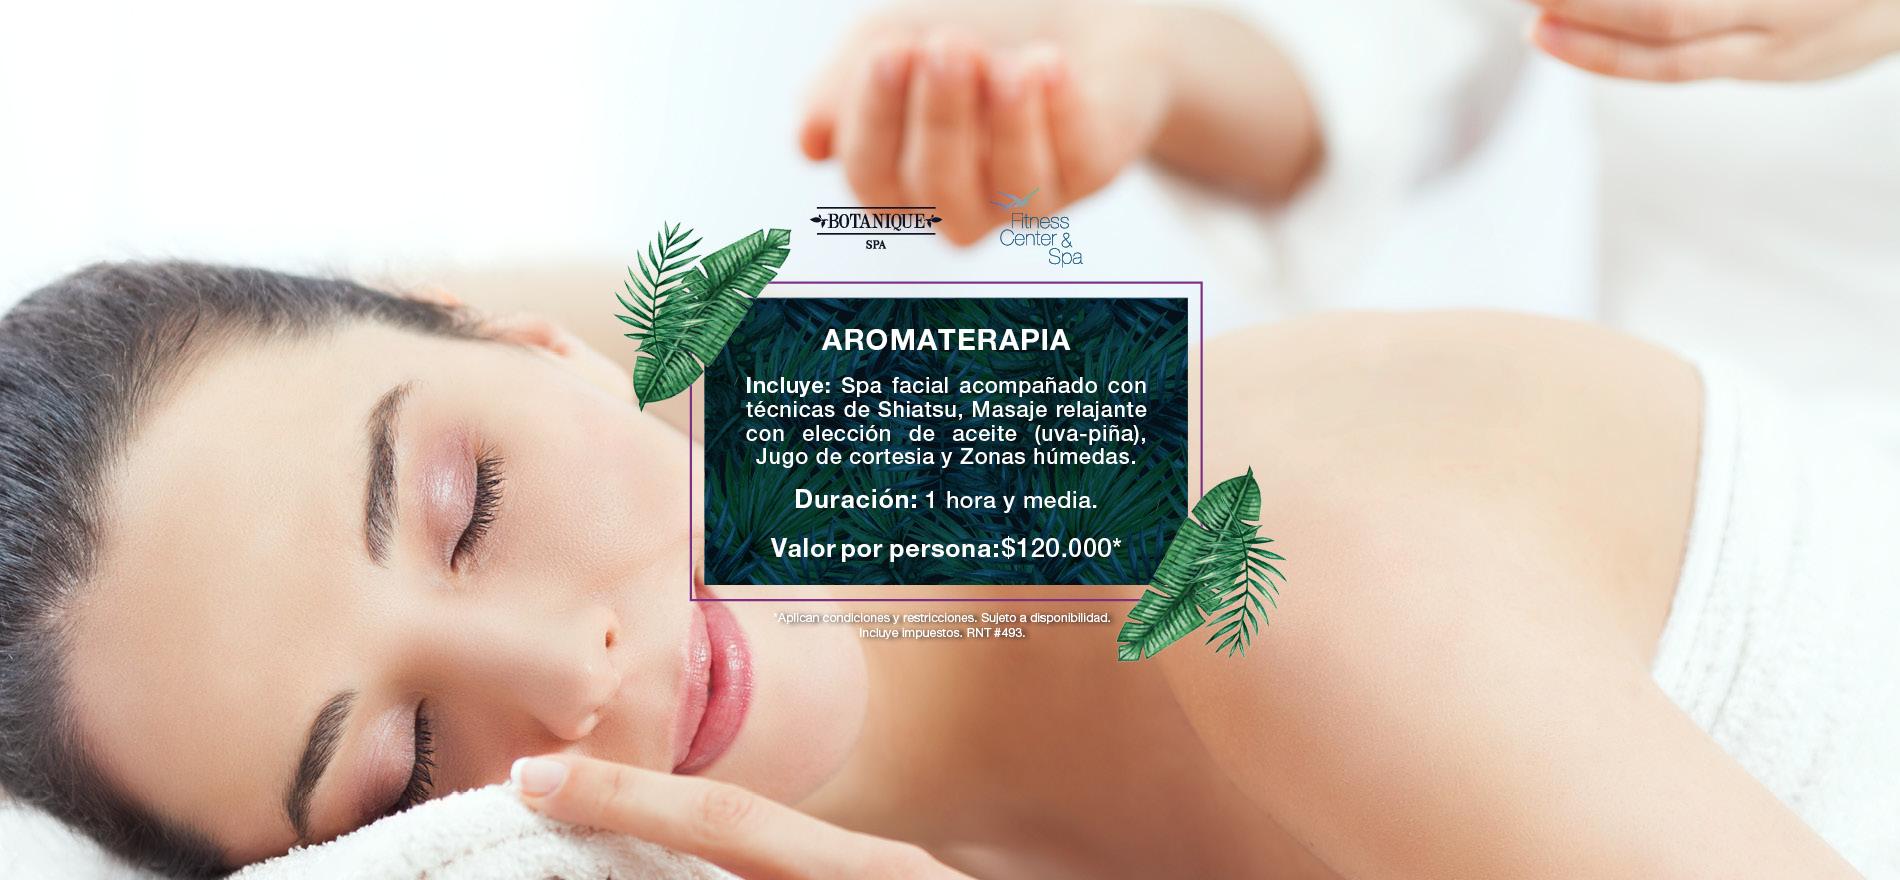 Aromaterapia - Hotel Capilla del Mar